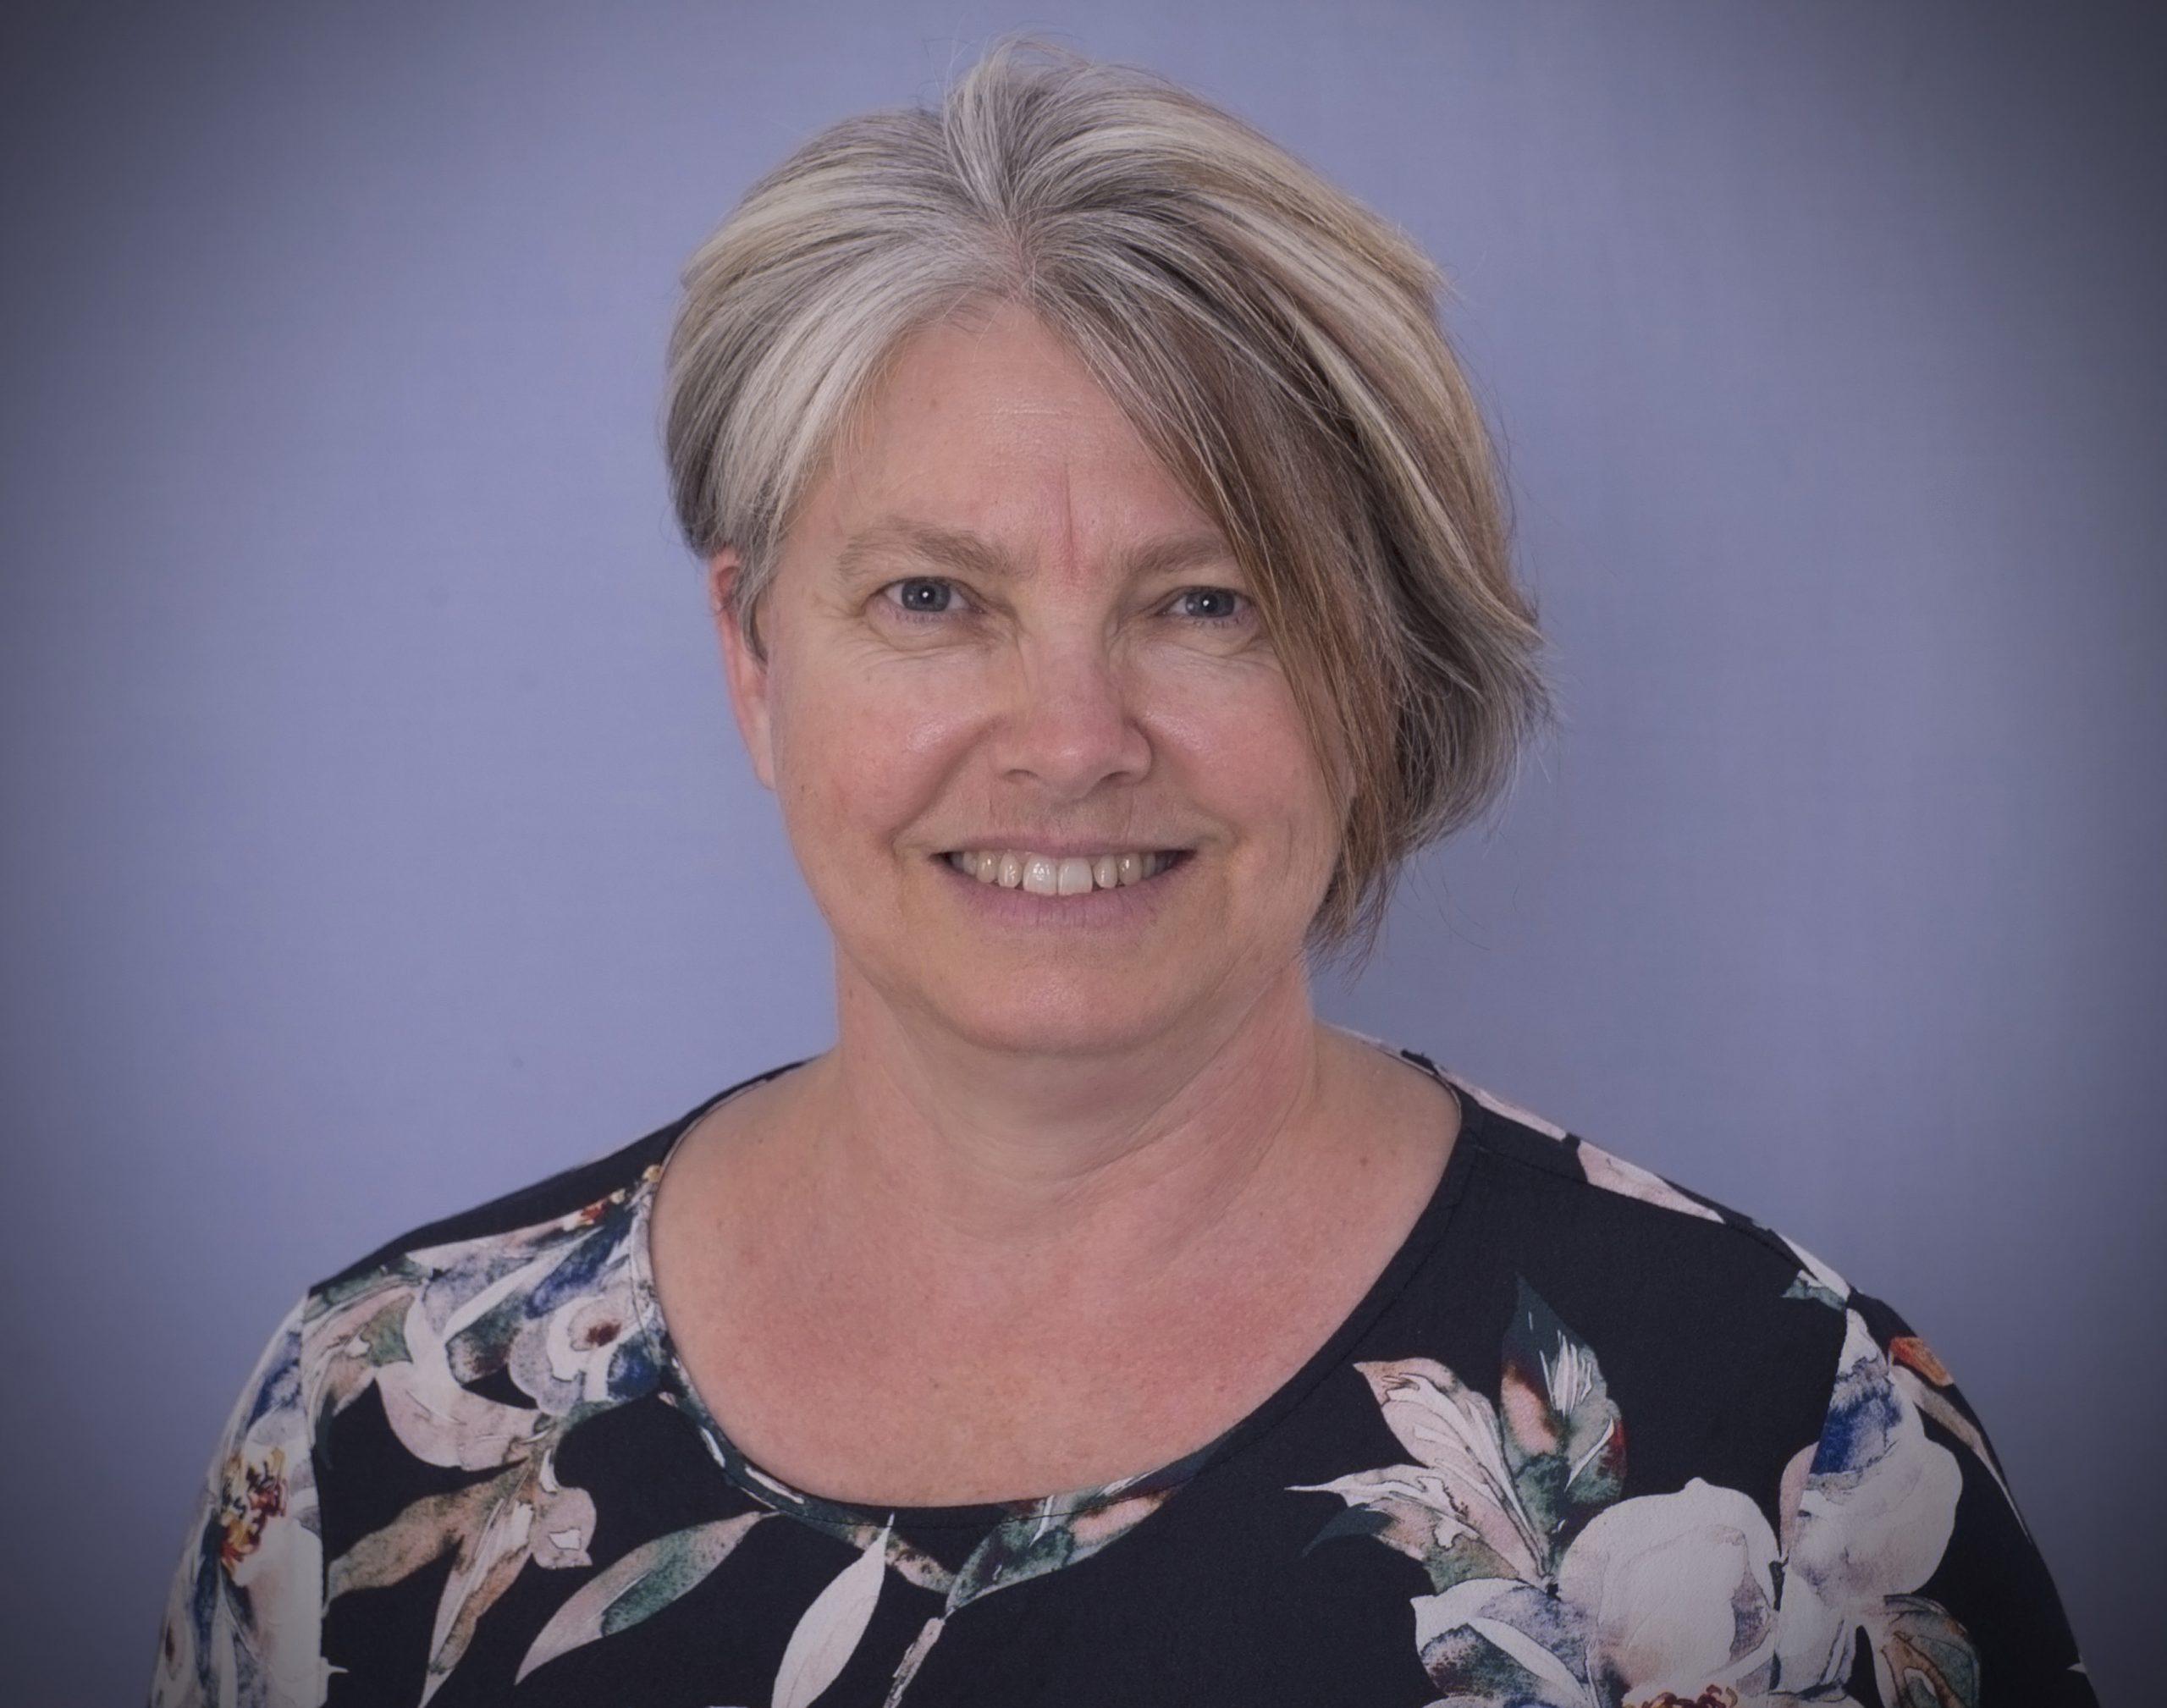 Carolyn Hollingworth